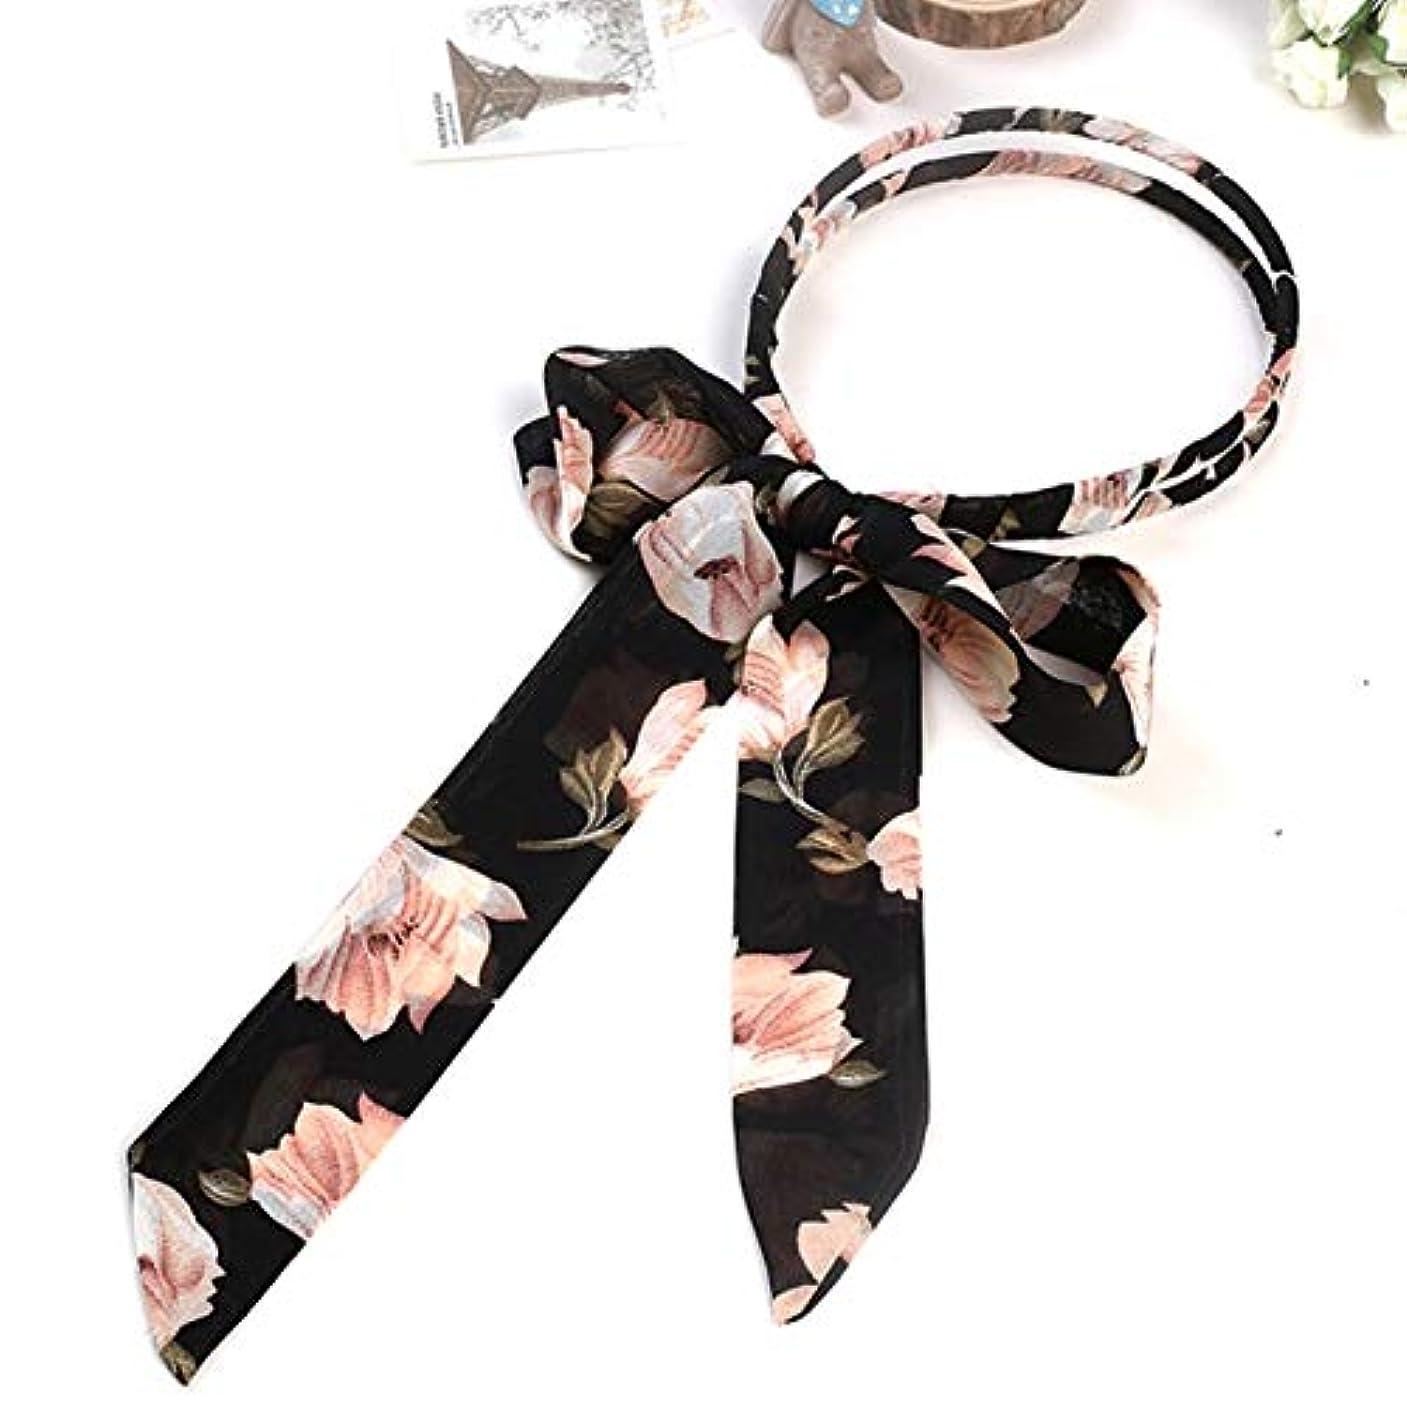 手配するウィンク蒸発サリーの店 便利なデザイン韓国女性スウィート女の子ボウヘアヘッドバンド編み花弓の結び目リボン毛フープ(None 5)